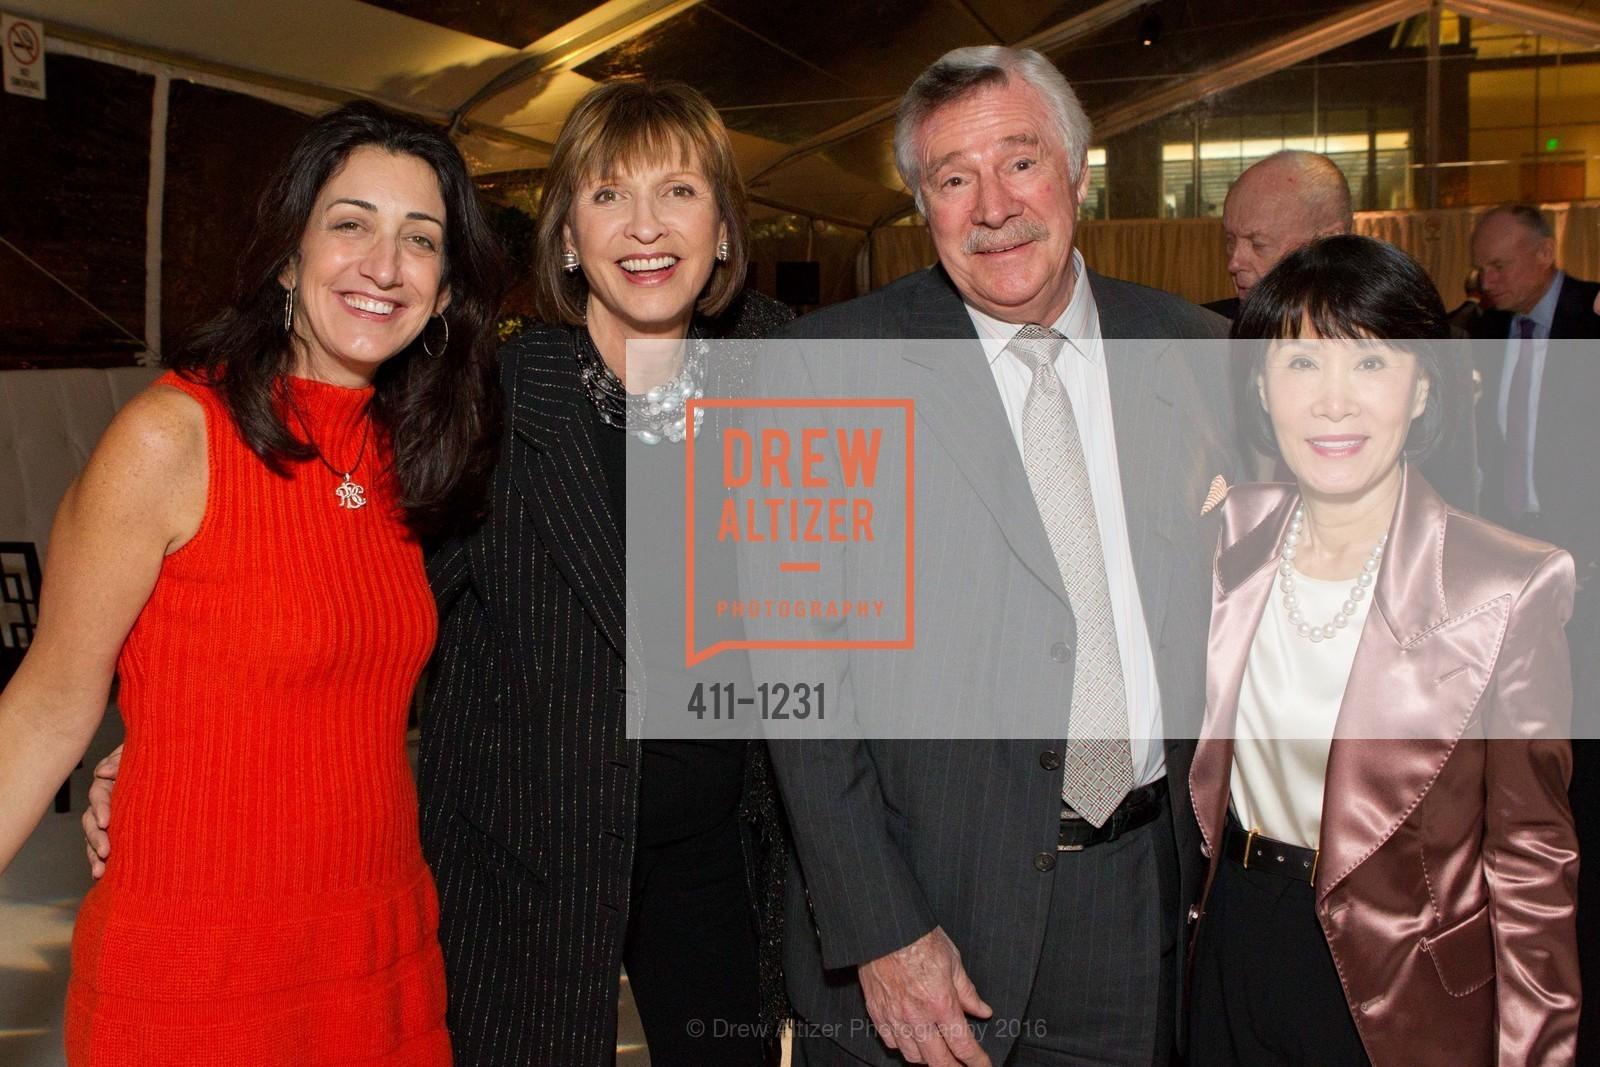 Pam Baer, Tina Frank, Jack Holland, Susan Koret, Photo #411-1231